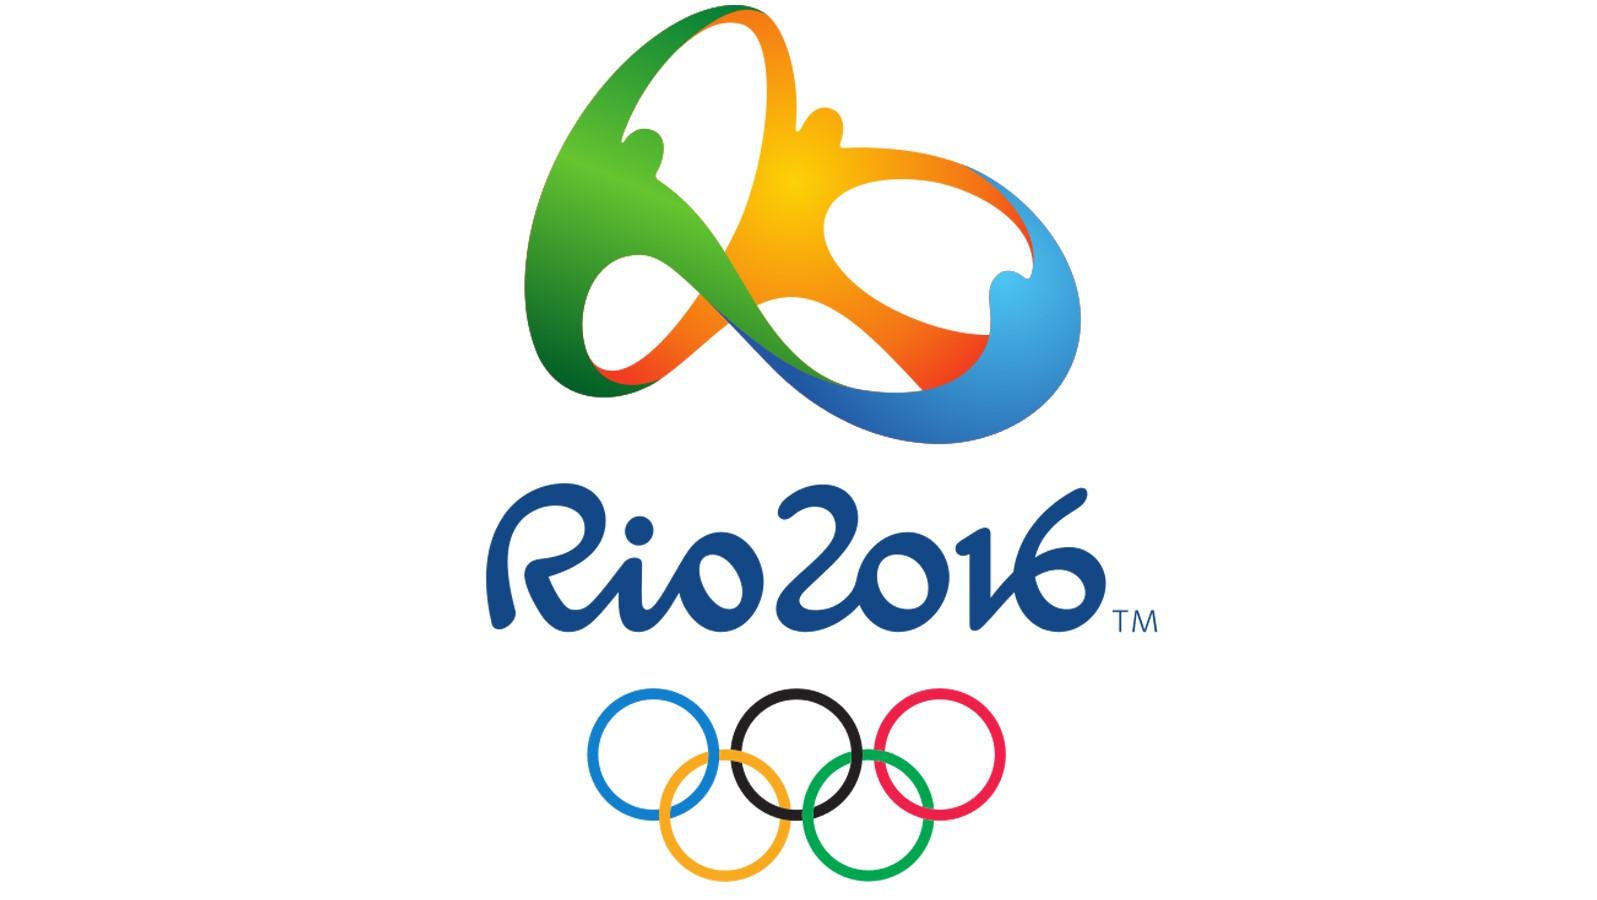 OFICIALES ESTADOUNIDENSES INVESTIGAN POSIBLES FRAUDES Y SOBORNOS EN JUEGOS OLÍMPICOS DE RÍO 2016